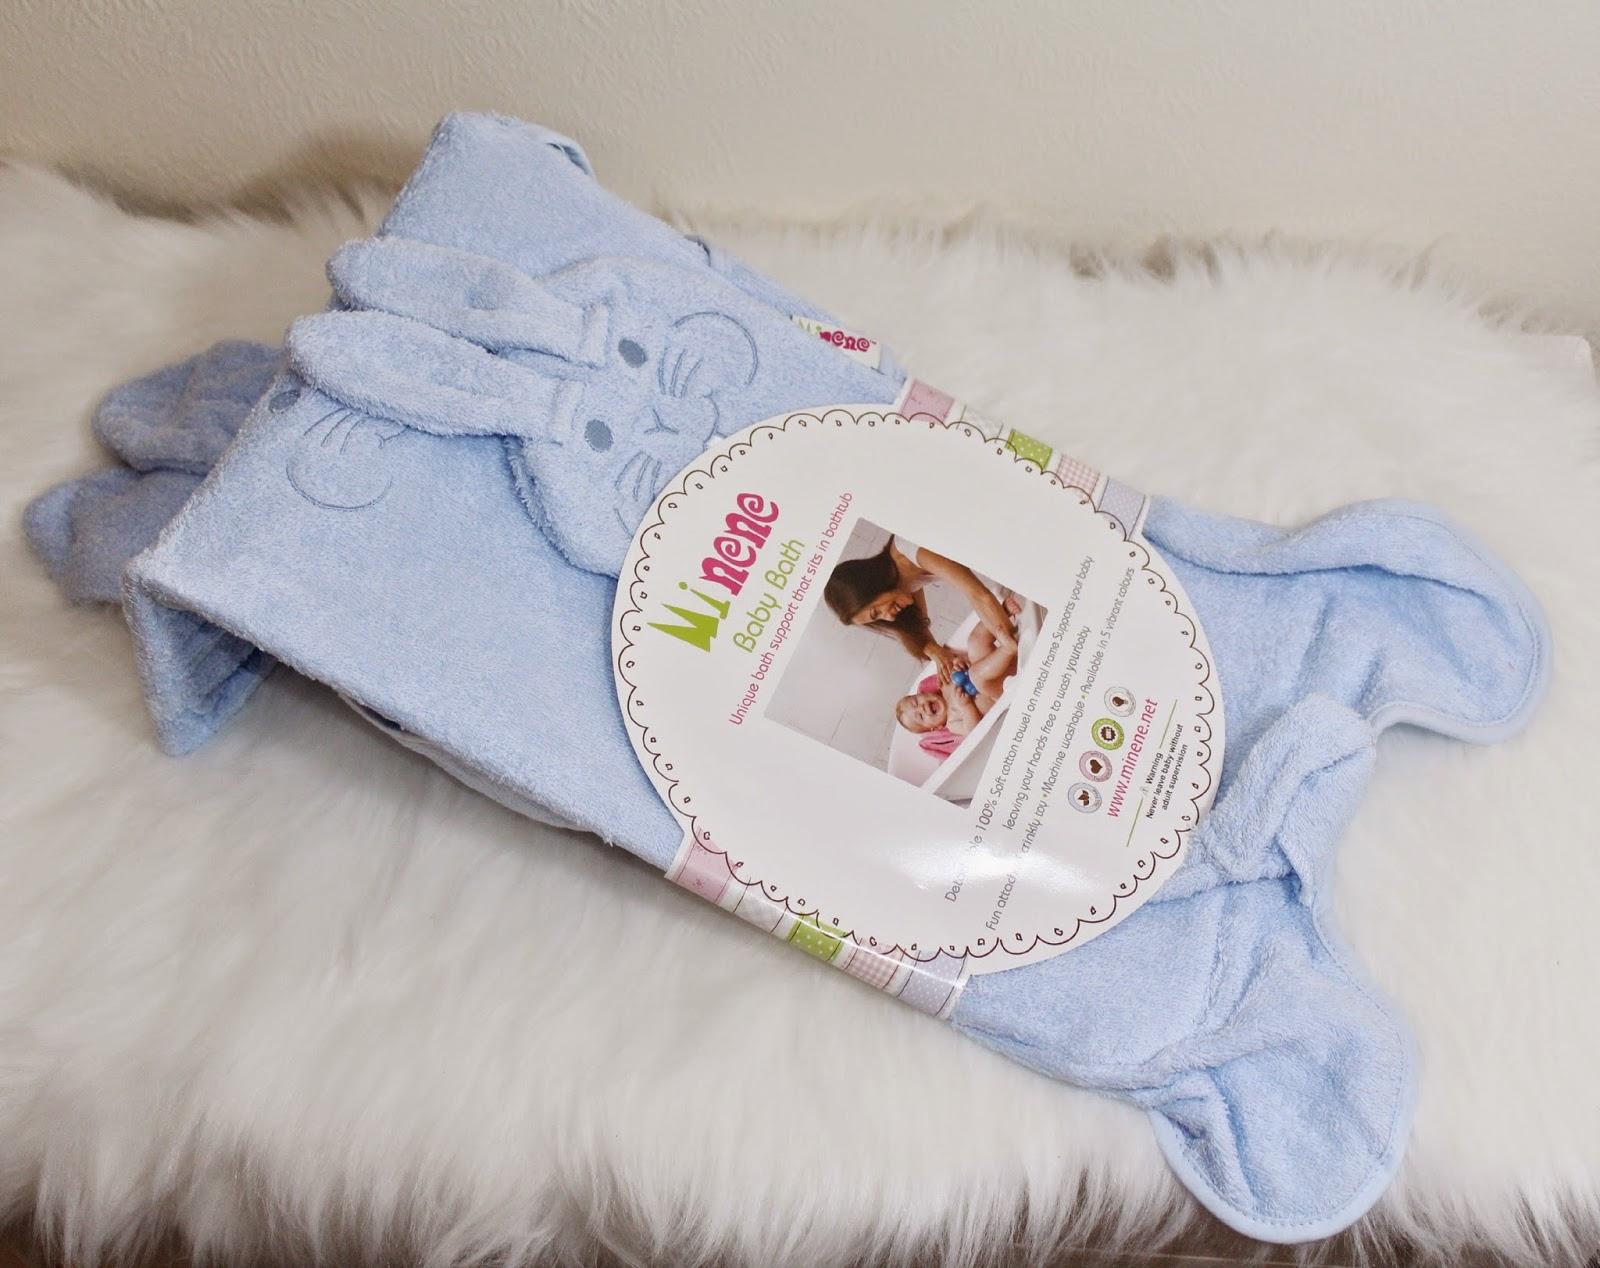 Pretty Baby Bath Supports Images - Bathroom with Bathtub Ideas ...